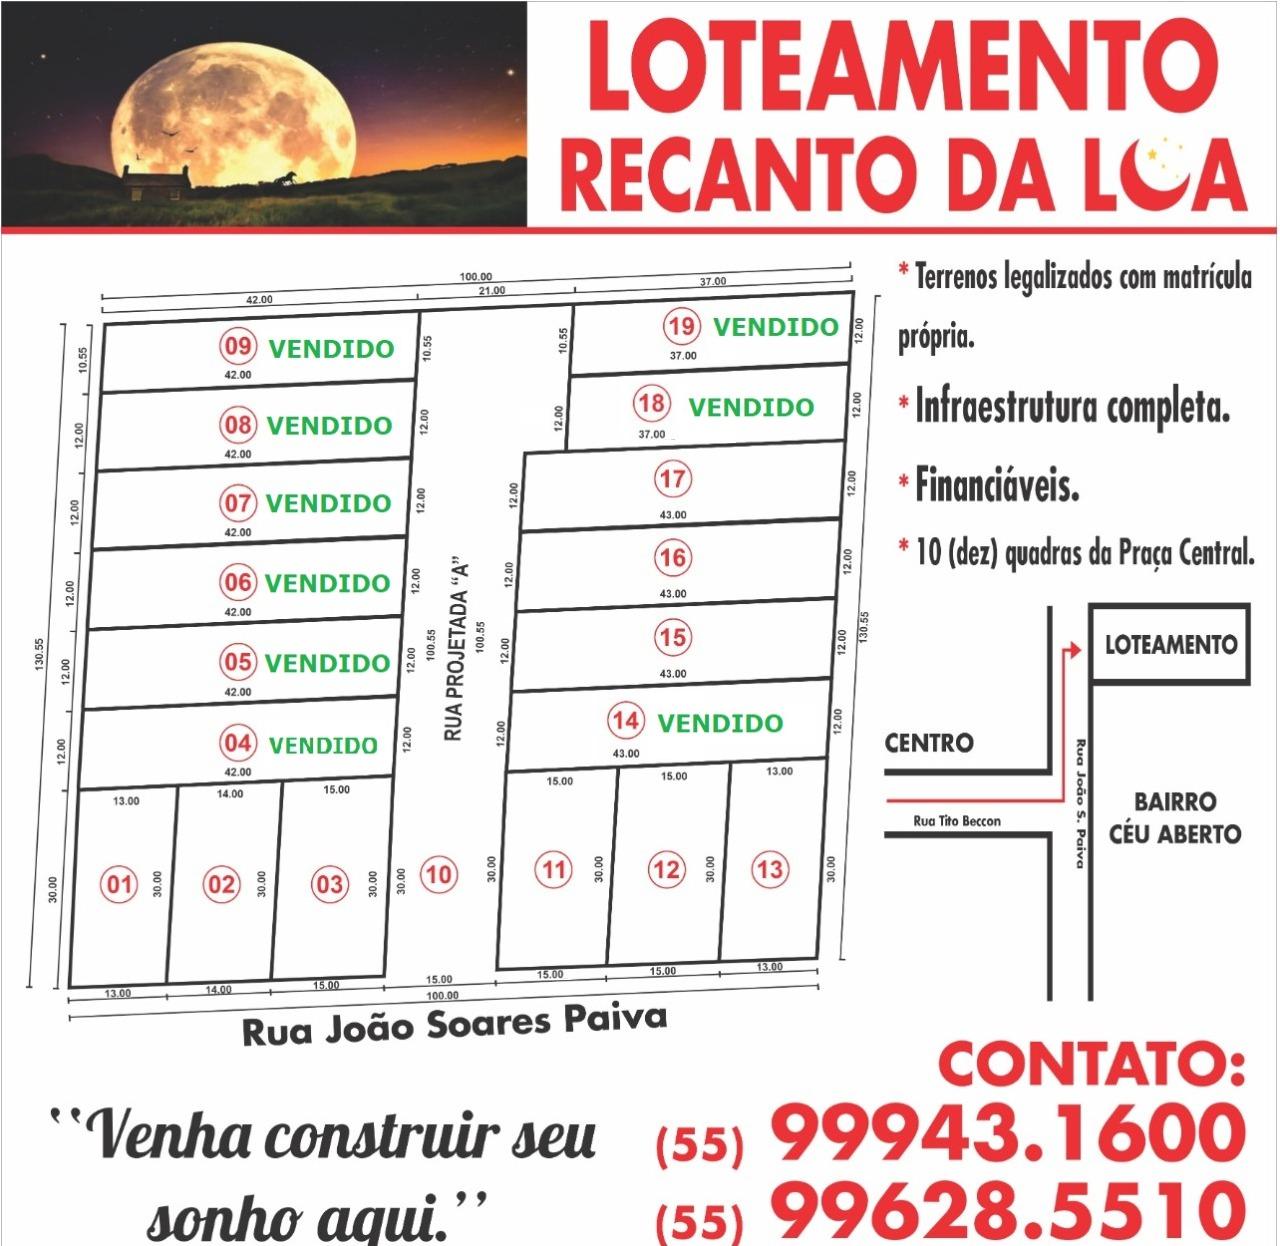 Loteamento Recanto da Lua